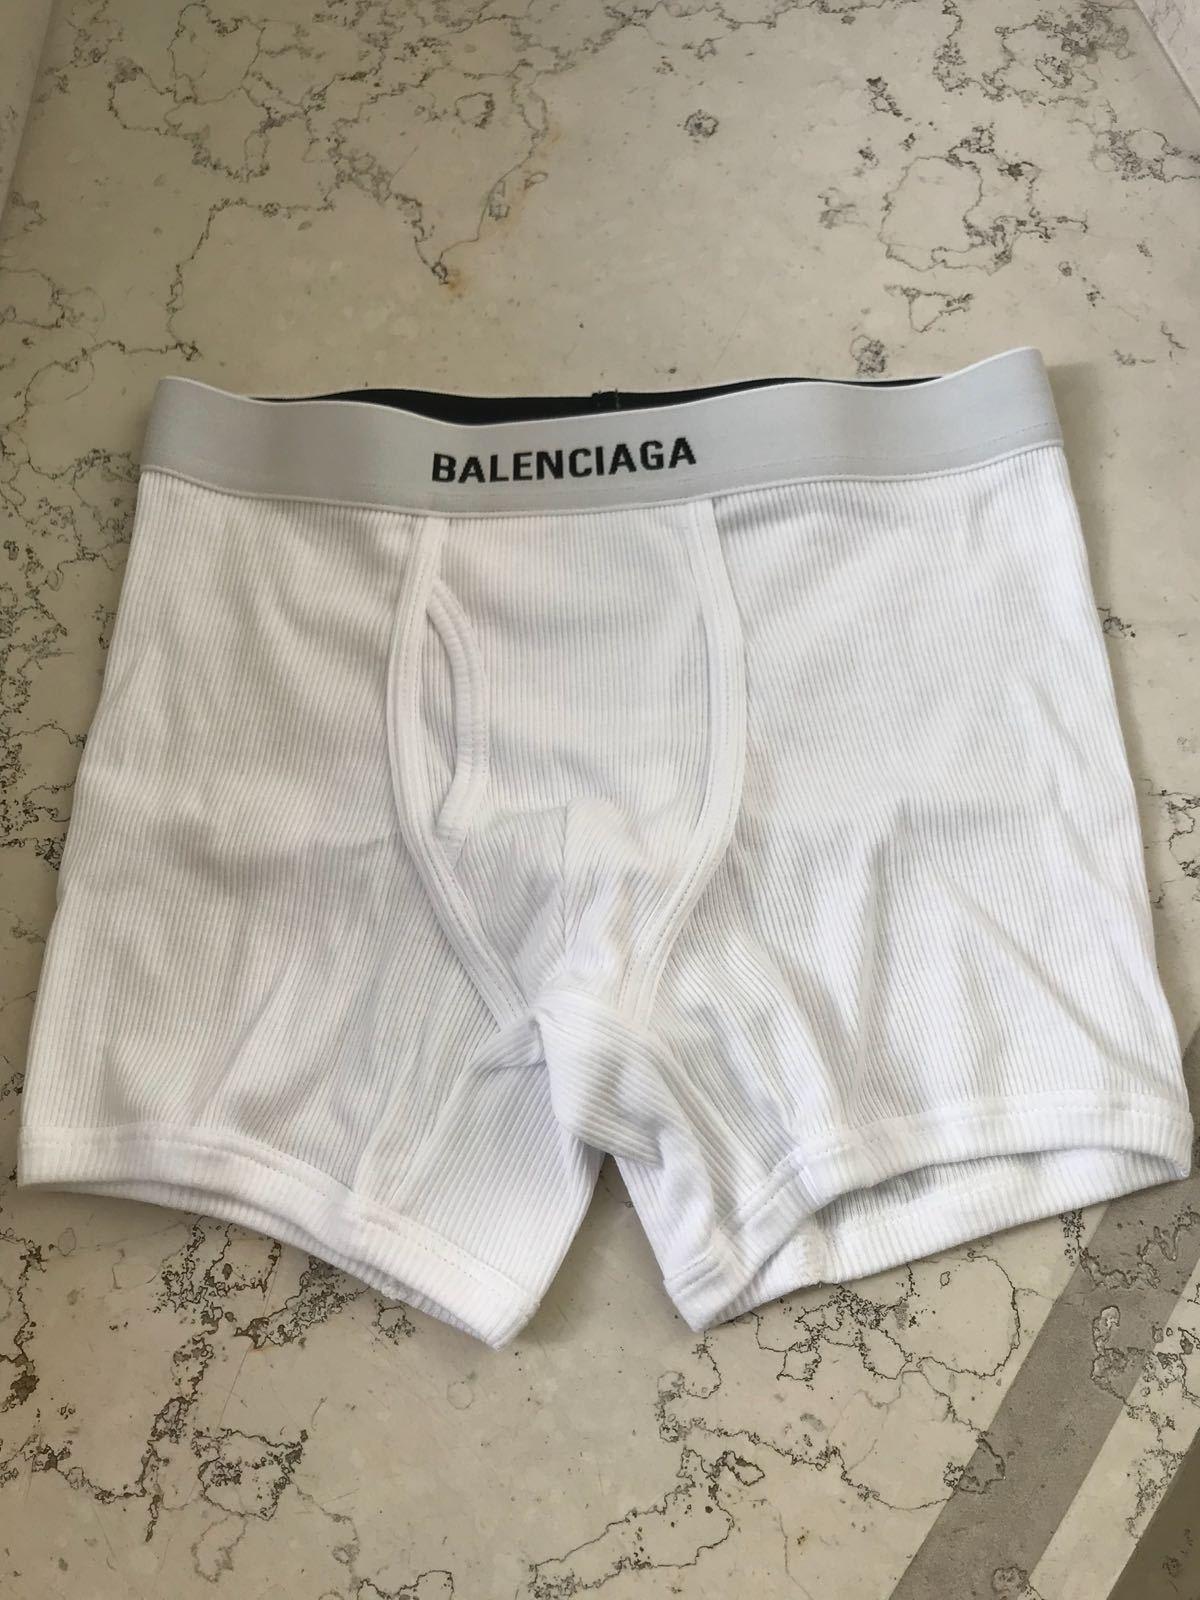 バレンシアガ新作ロゴボクサーパンツ3枚セット☆日本未入荷カラー写真01